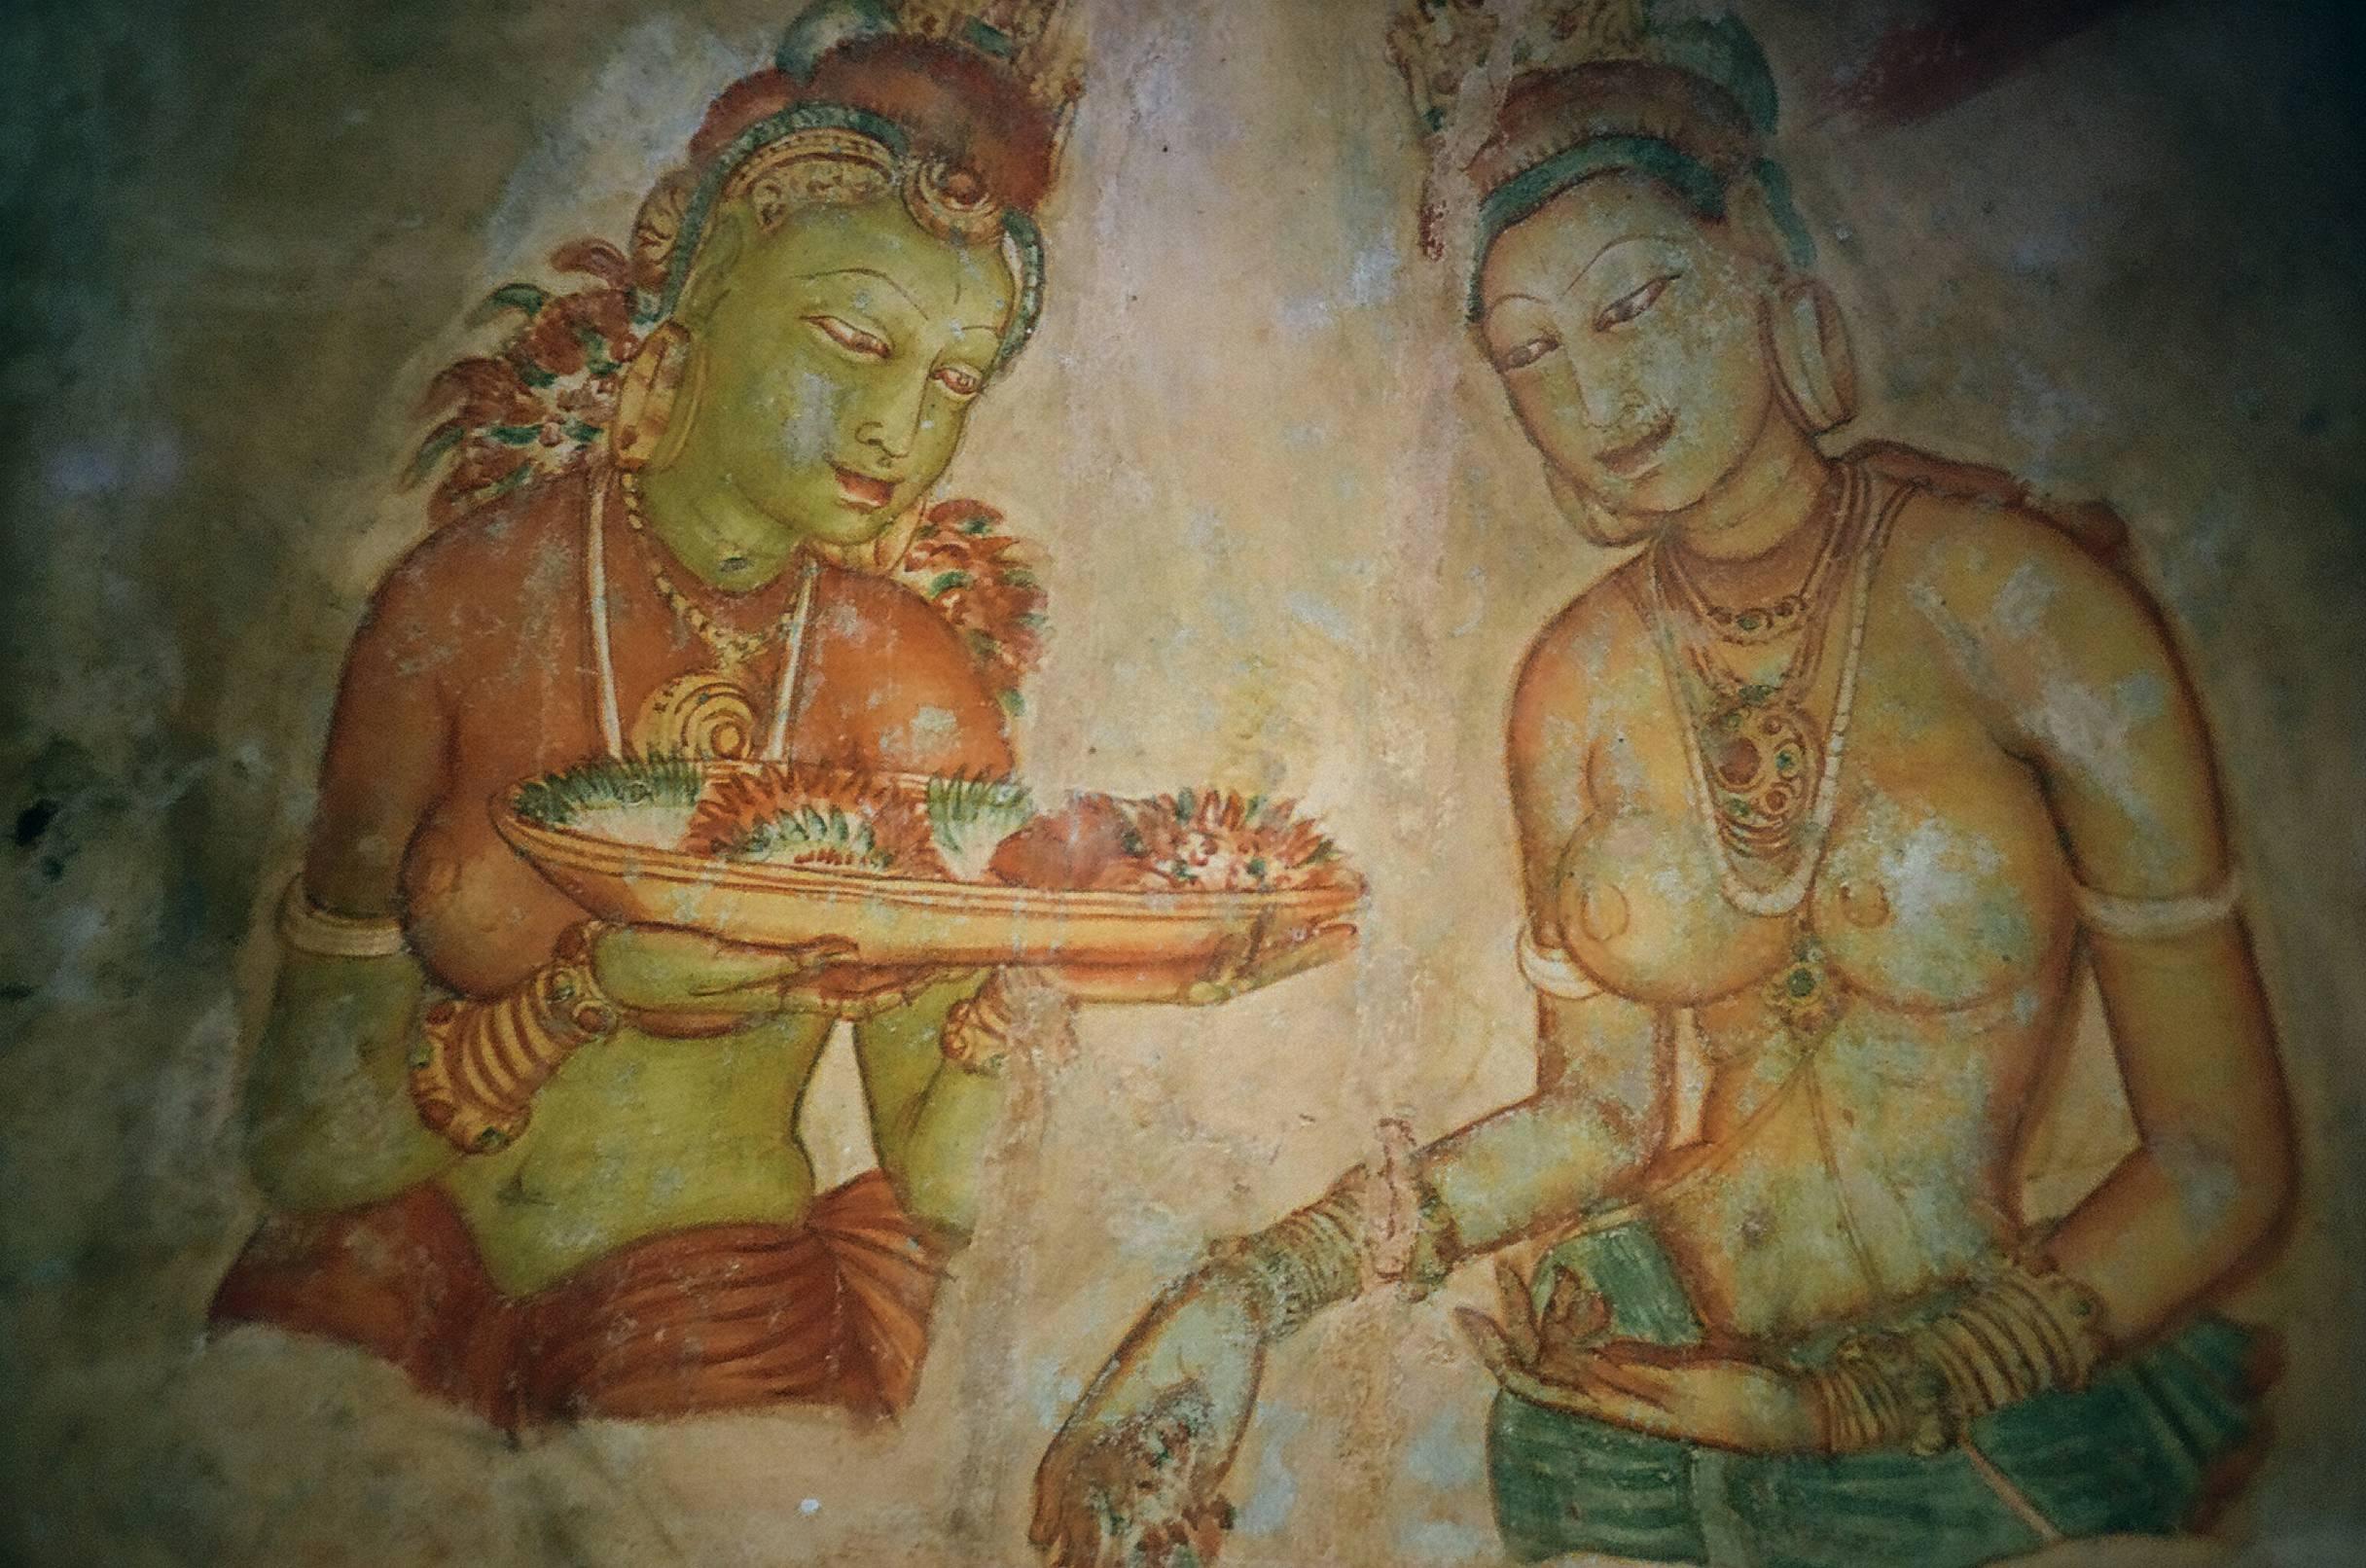 Sri Lanka essencial - Sigiriya